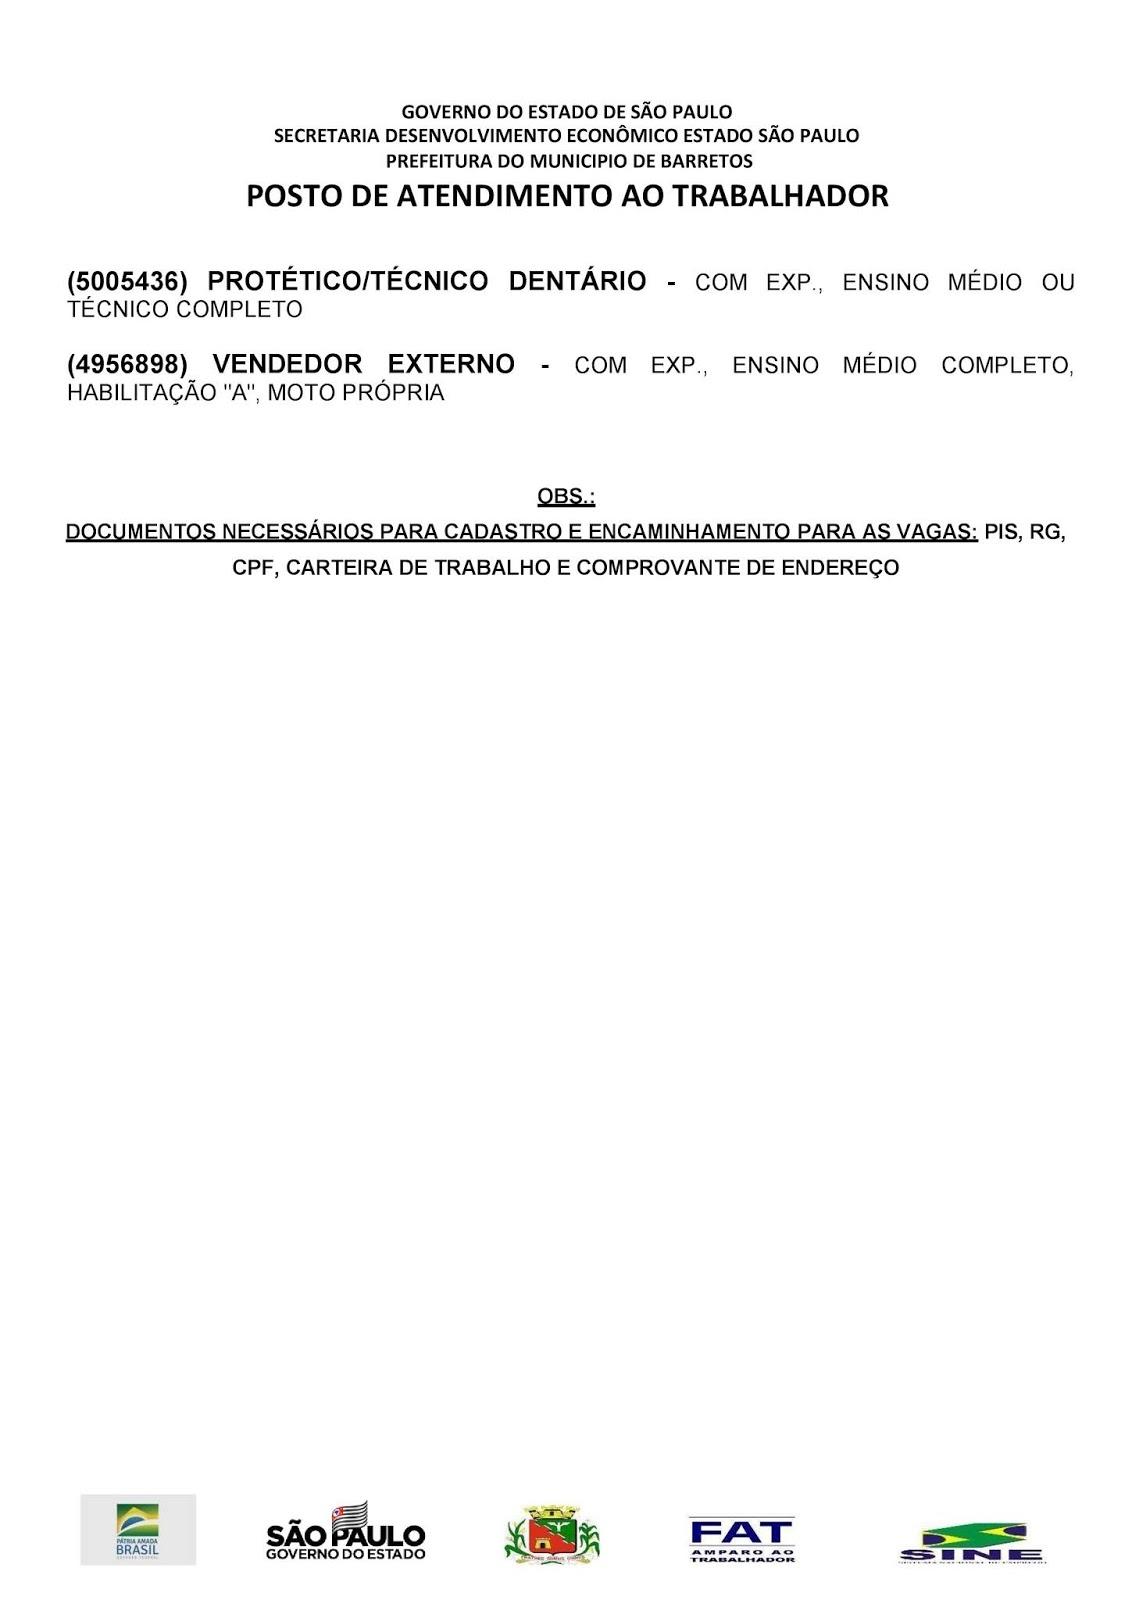 VAGAS DE EMPREGO DO PAT BARRETOS-SP PARA 10/07/2019 (QUARTA-FEIRA) - PAG. 2